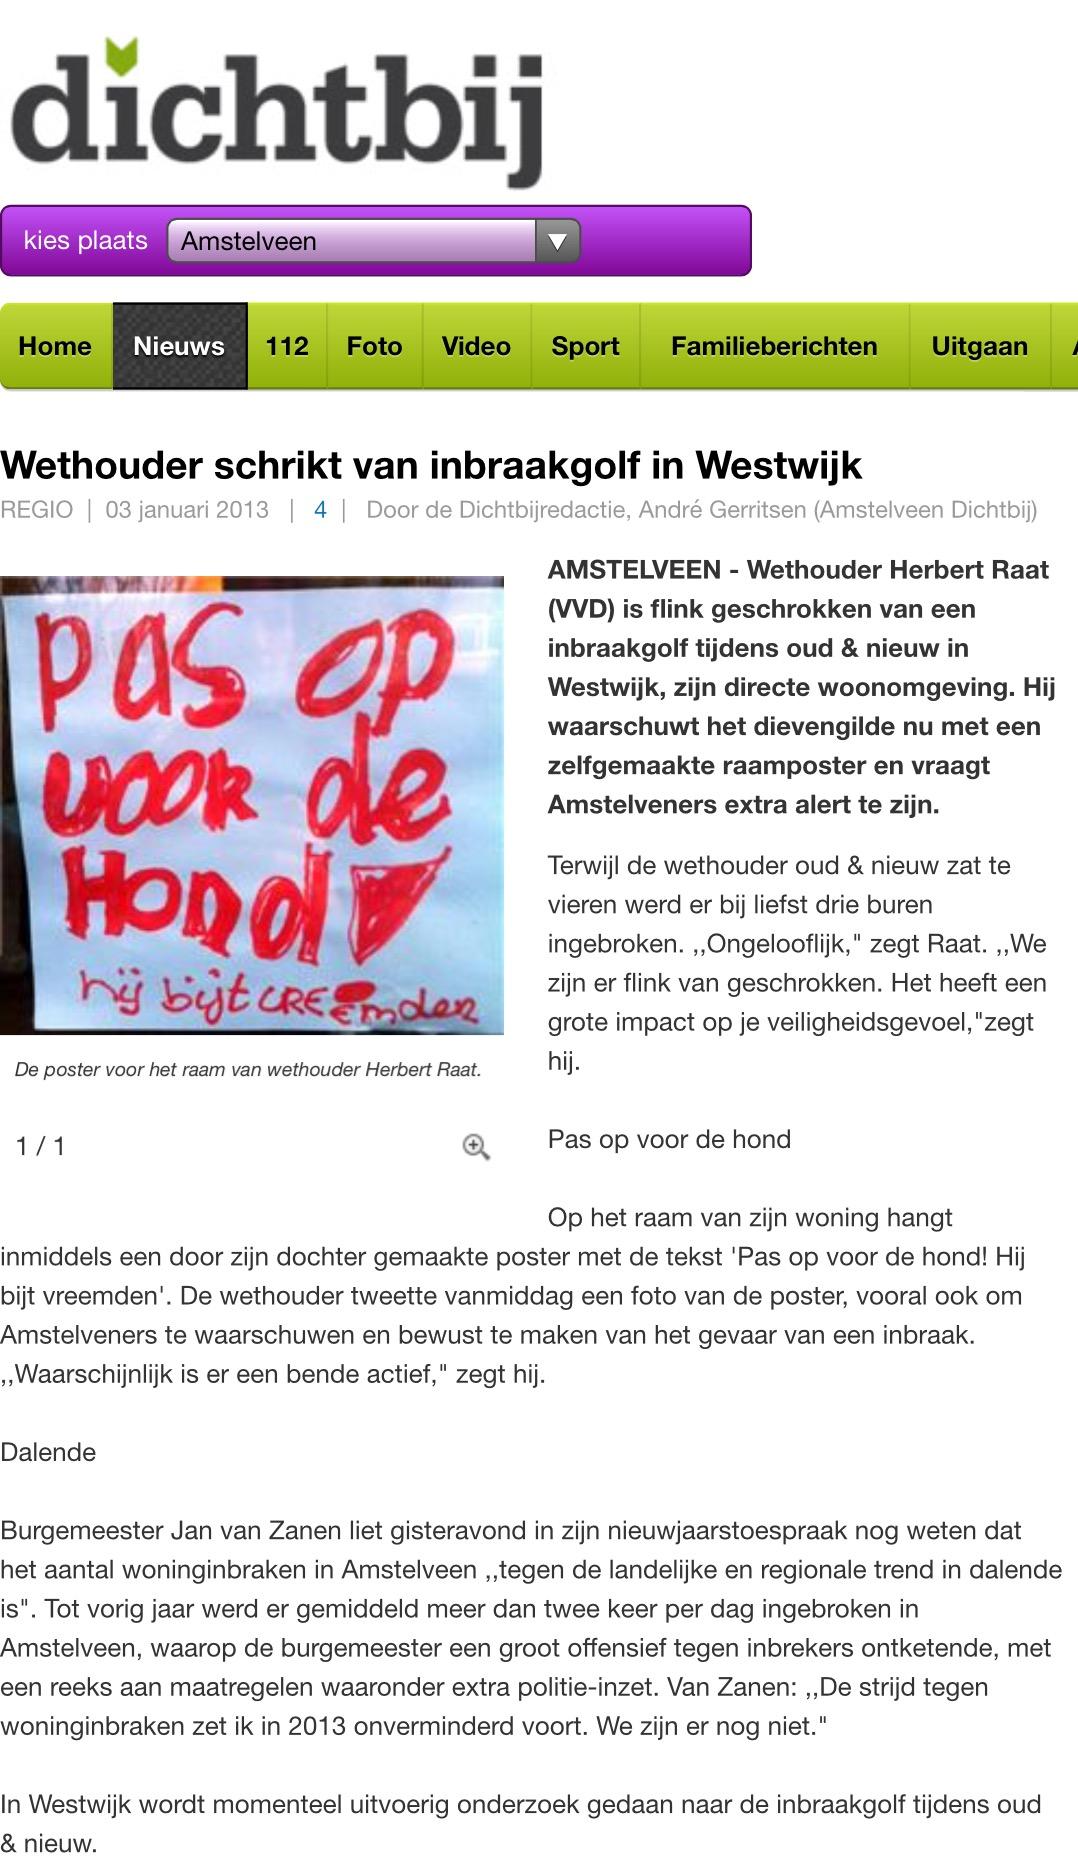 2013-3-1 AmstelveenDichtbij over inbraken in Westwijk bij buren wethouder Herbert Raat